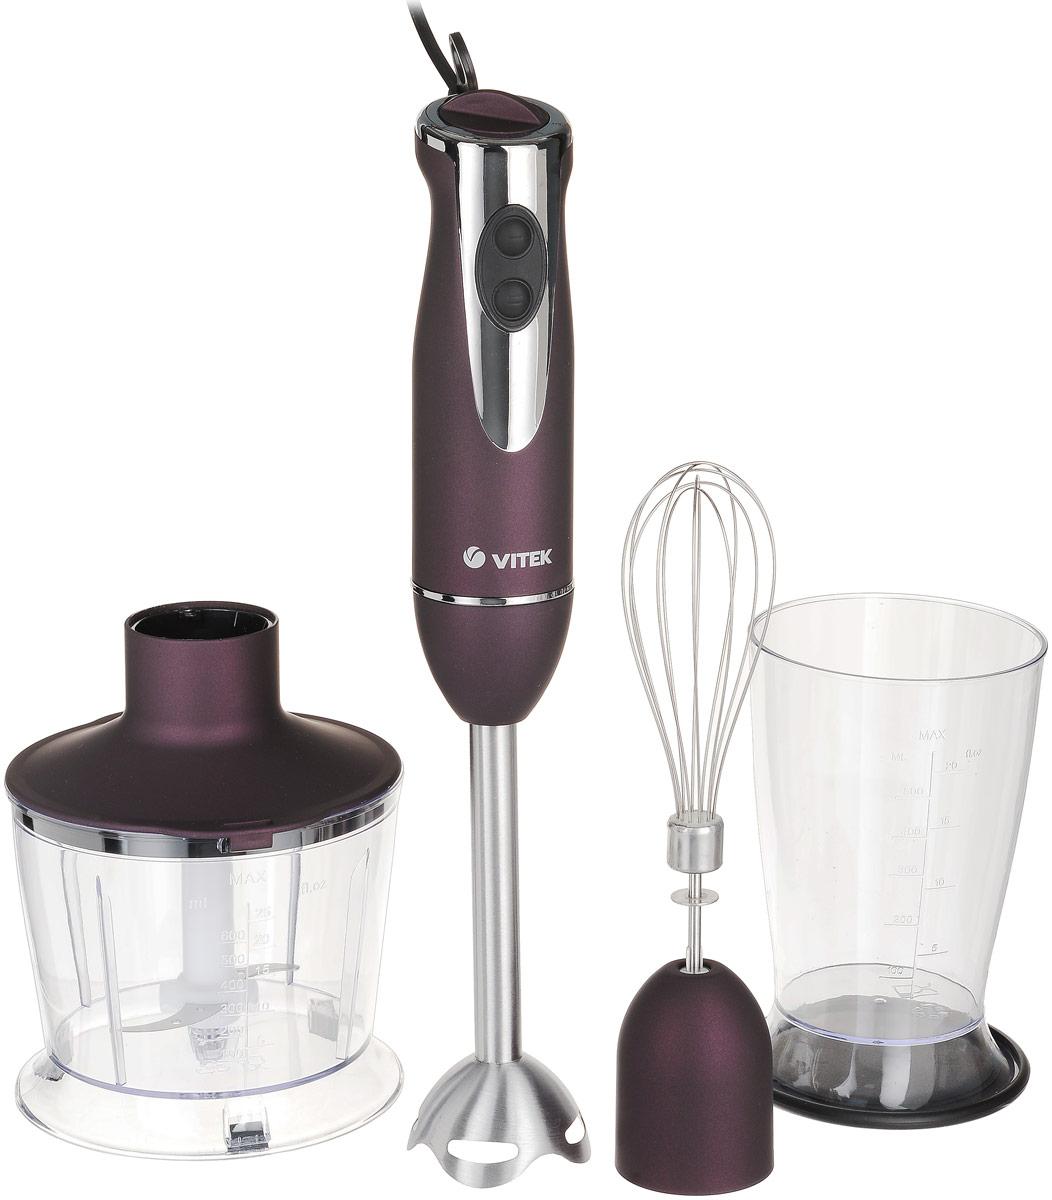 Vitek VT-1468(BD) блендерVT-1468(BD)Блендер Vitek VT-1468(BD) отлично подойдет для мелкого измельчения продуктов до придания им однородной массы. Теперь вы можете быстро приготовить пюре, вкусный десерт, создать ароматный и полезный домашний майонез и другие соуса. Для блендера от Vitek всегда найдётся немало работы на вашей кухне.